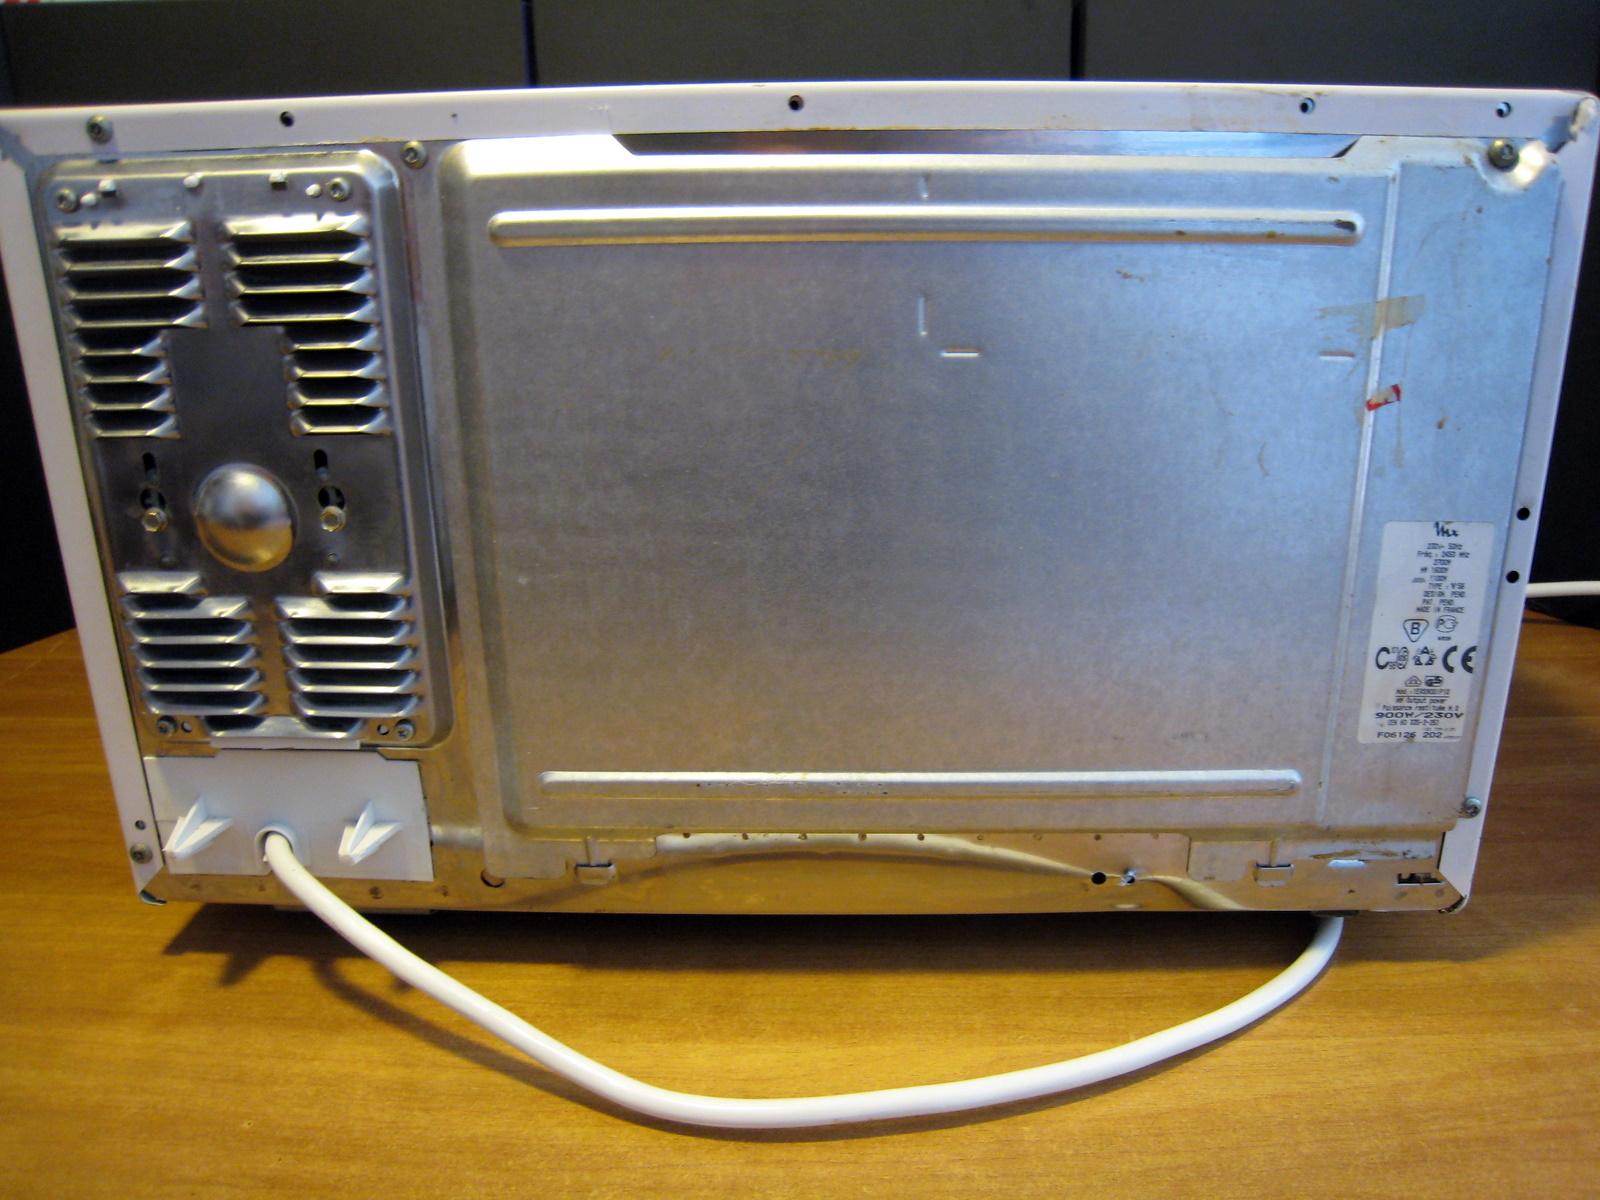 Bartmanxc mercatino forno elettrico ventilato con microonde mulinex optigrill compact y56 - Forno elettrico con microonde integrato ...